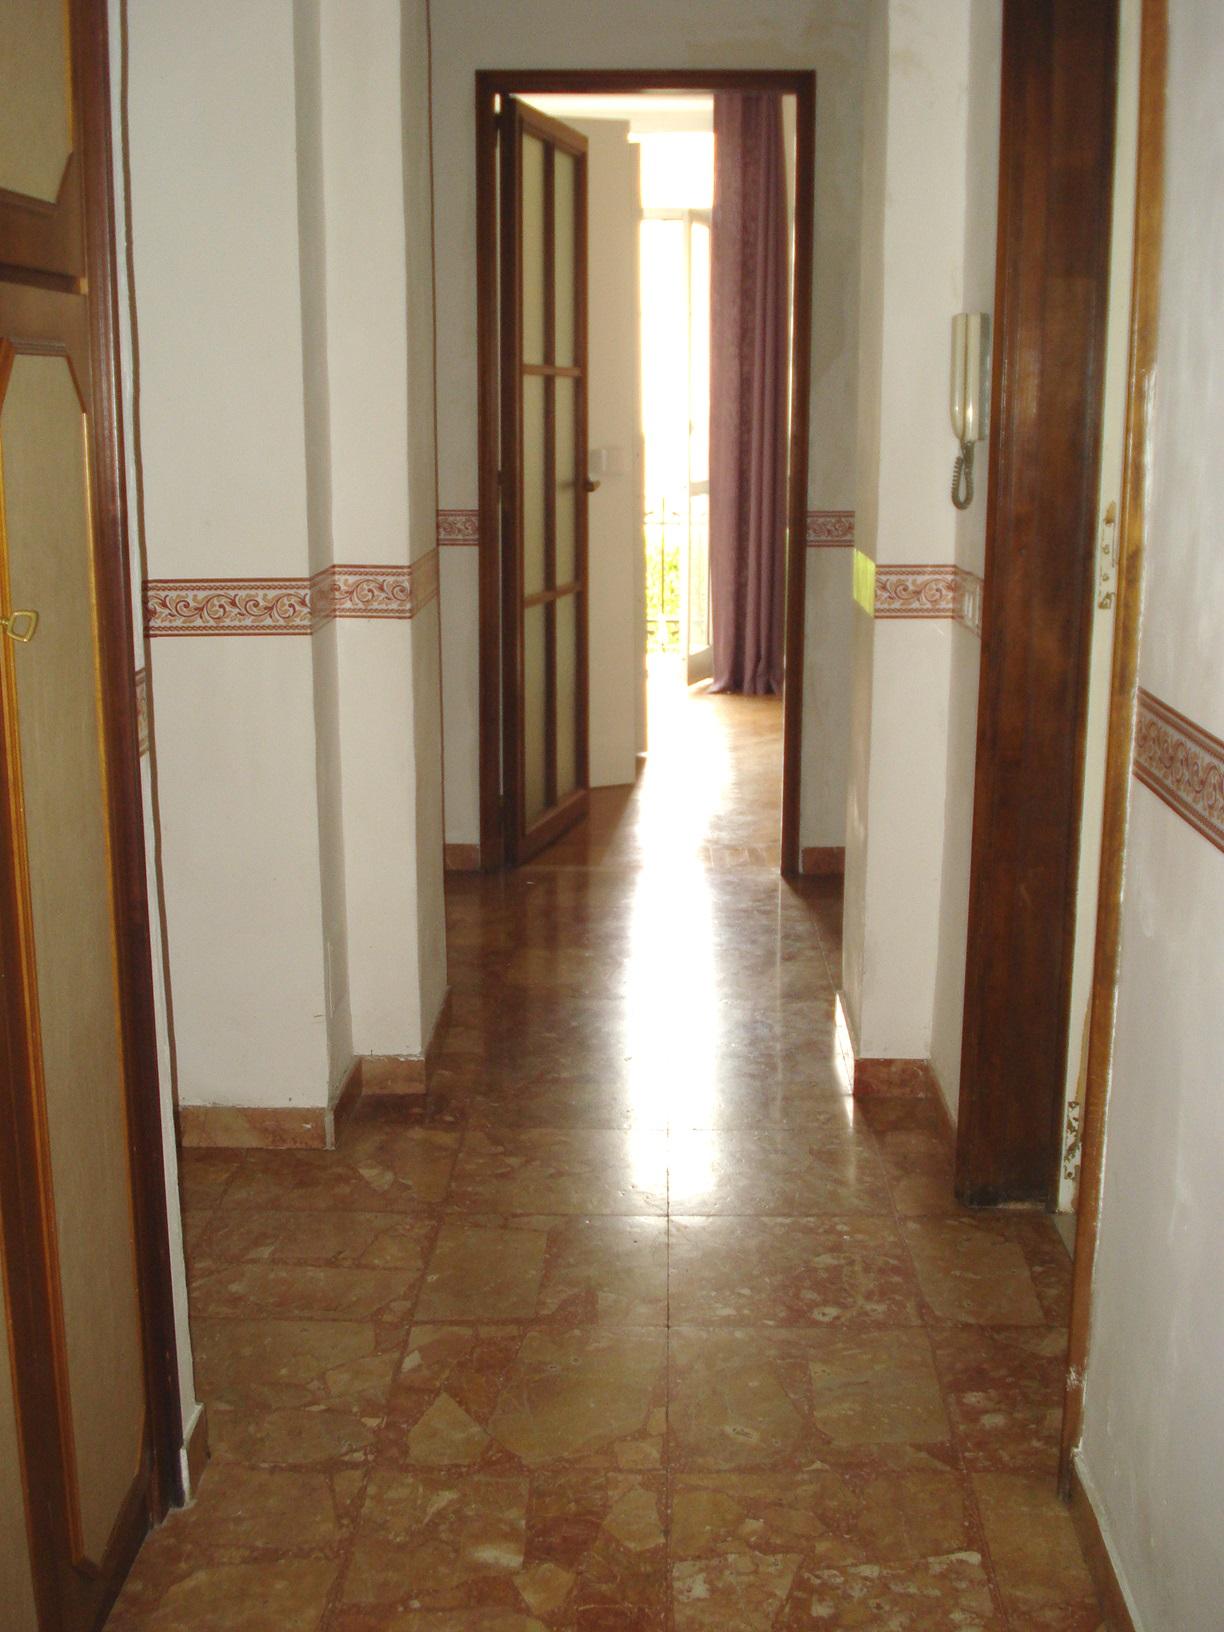 Appartamento in affitto a Biella, 2 locali, zona Zona: Centro, prezzo € 420 | CambioCasa.it